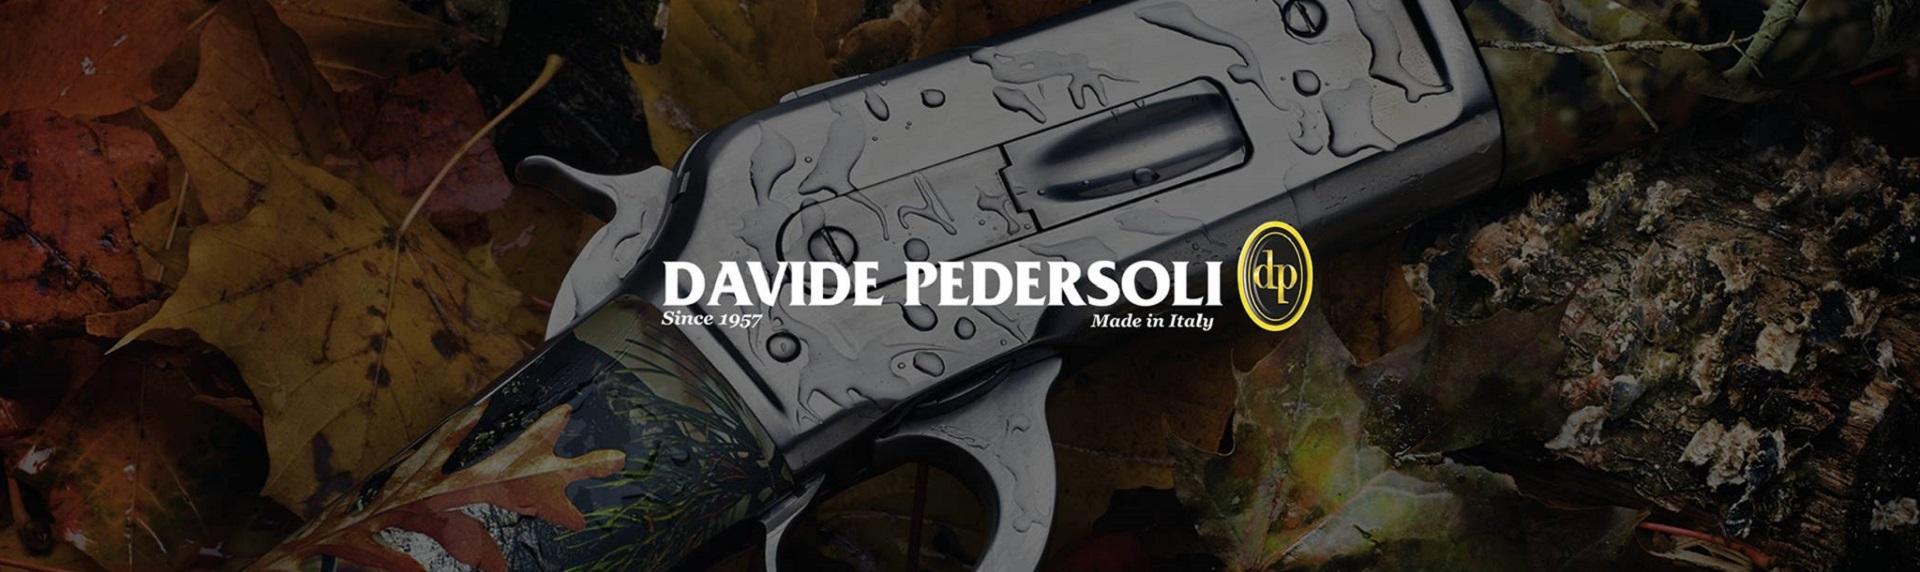 PEDERSOLI   Triebel Onlineshop